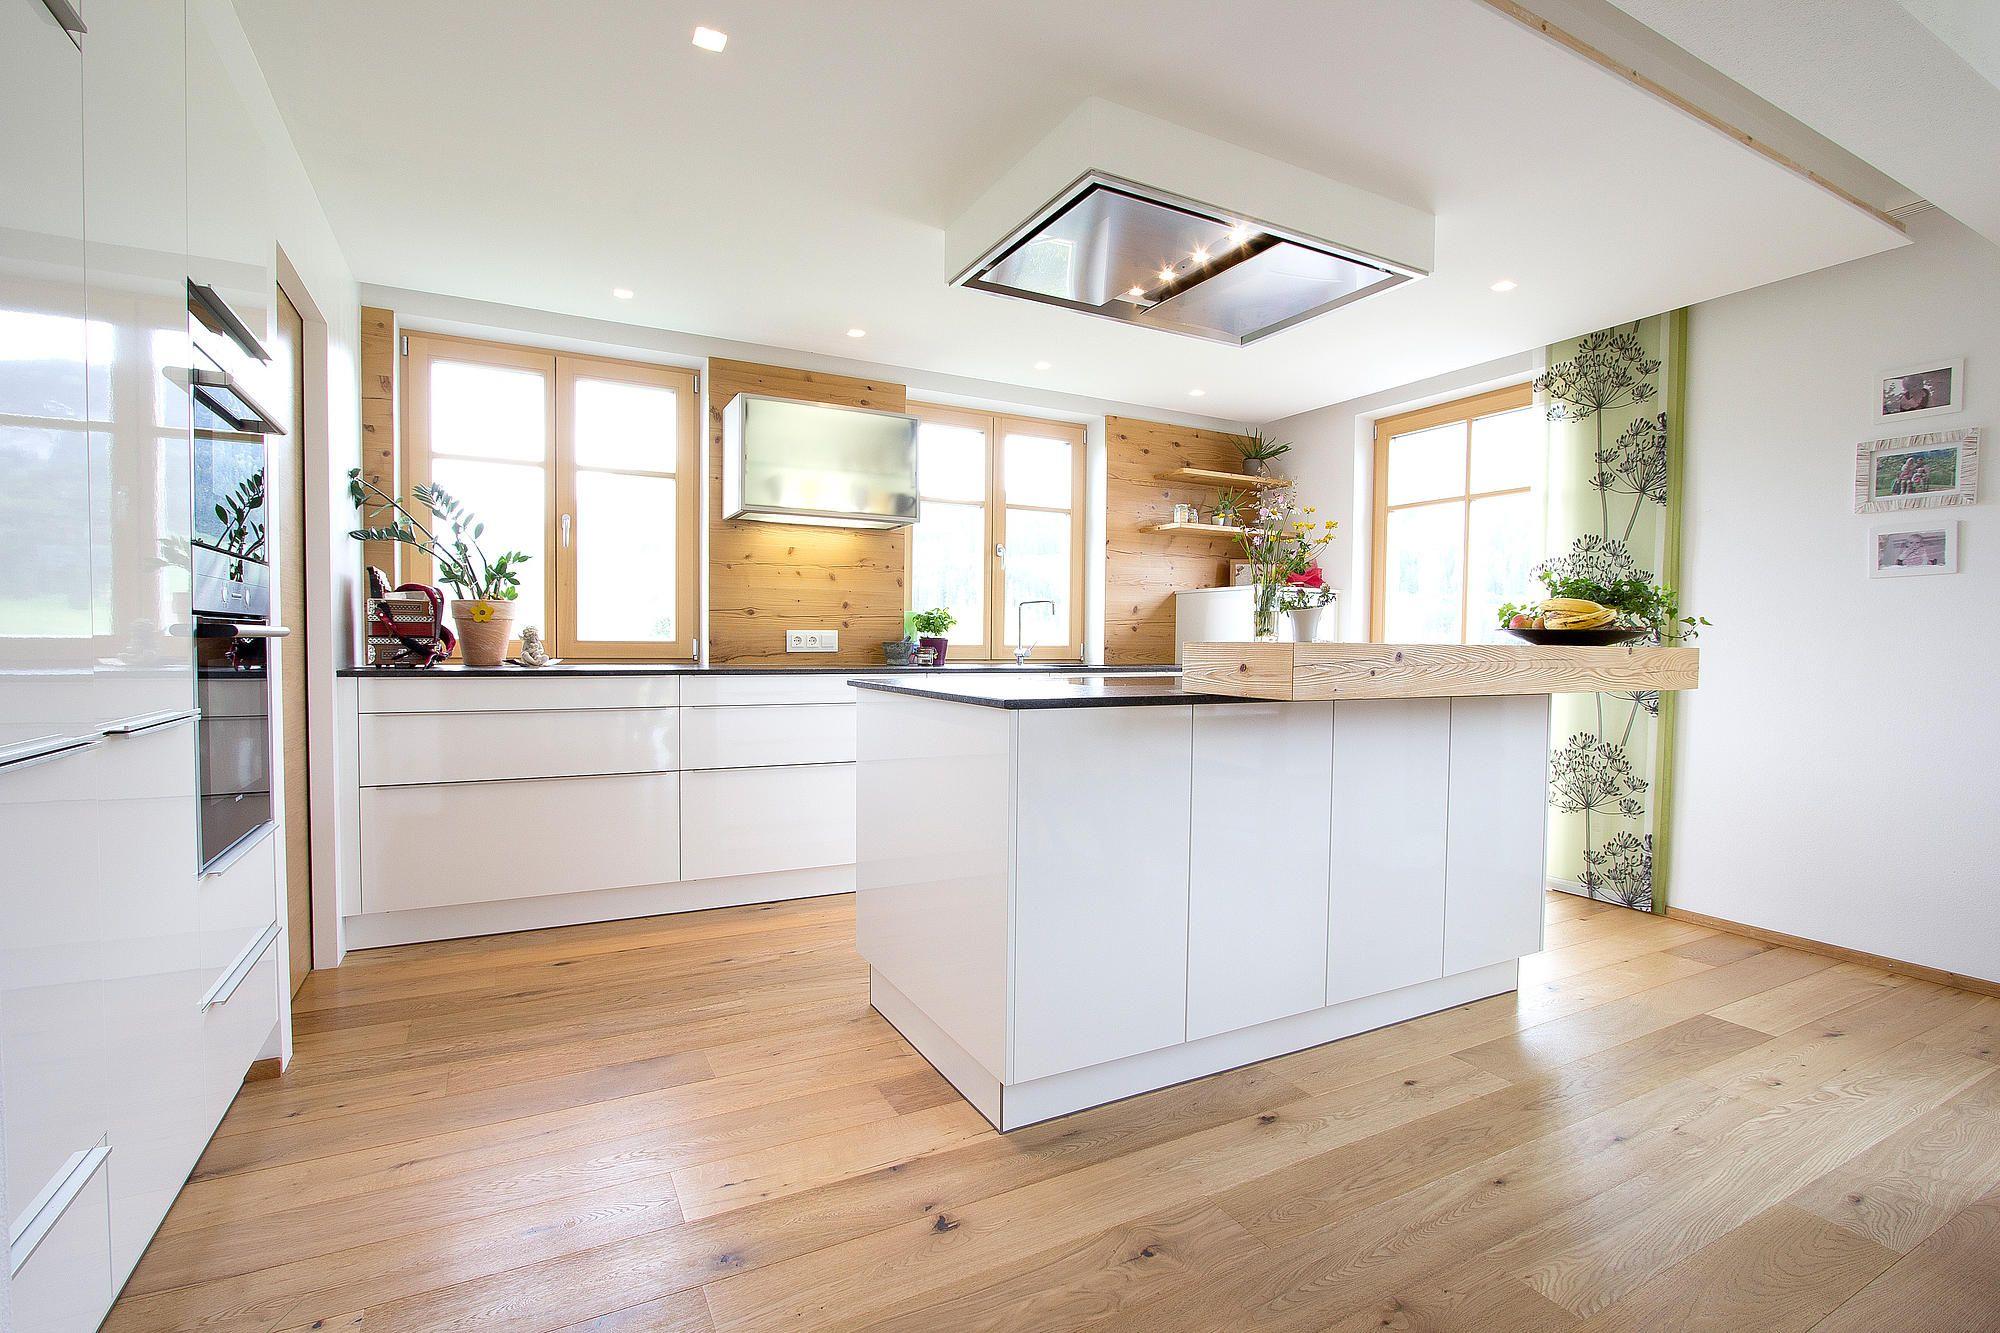 k chen und inneneinrichtung projekte in salzburg laserer k chen und wohnen einrichtung. Black Bedroom Furniture Sets. Home Design Ideas